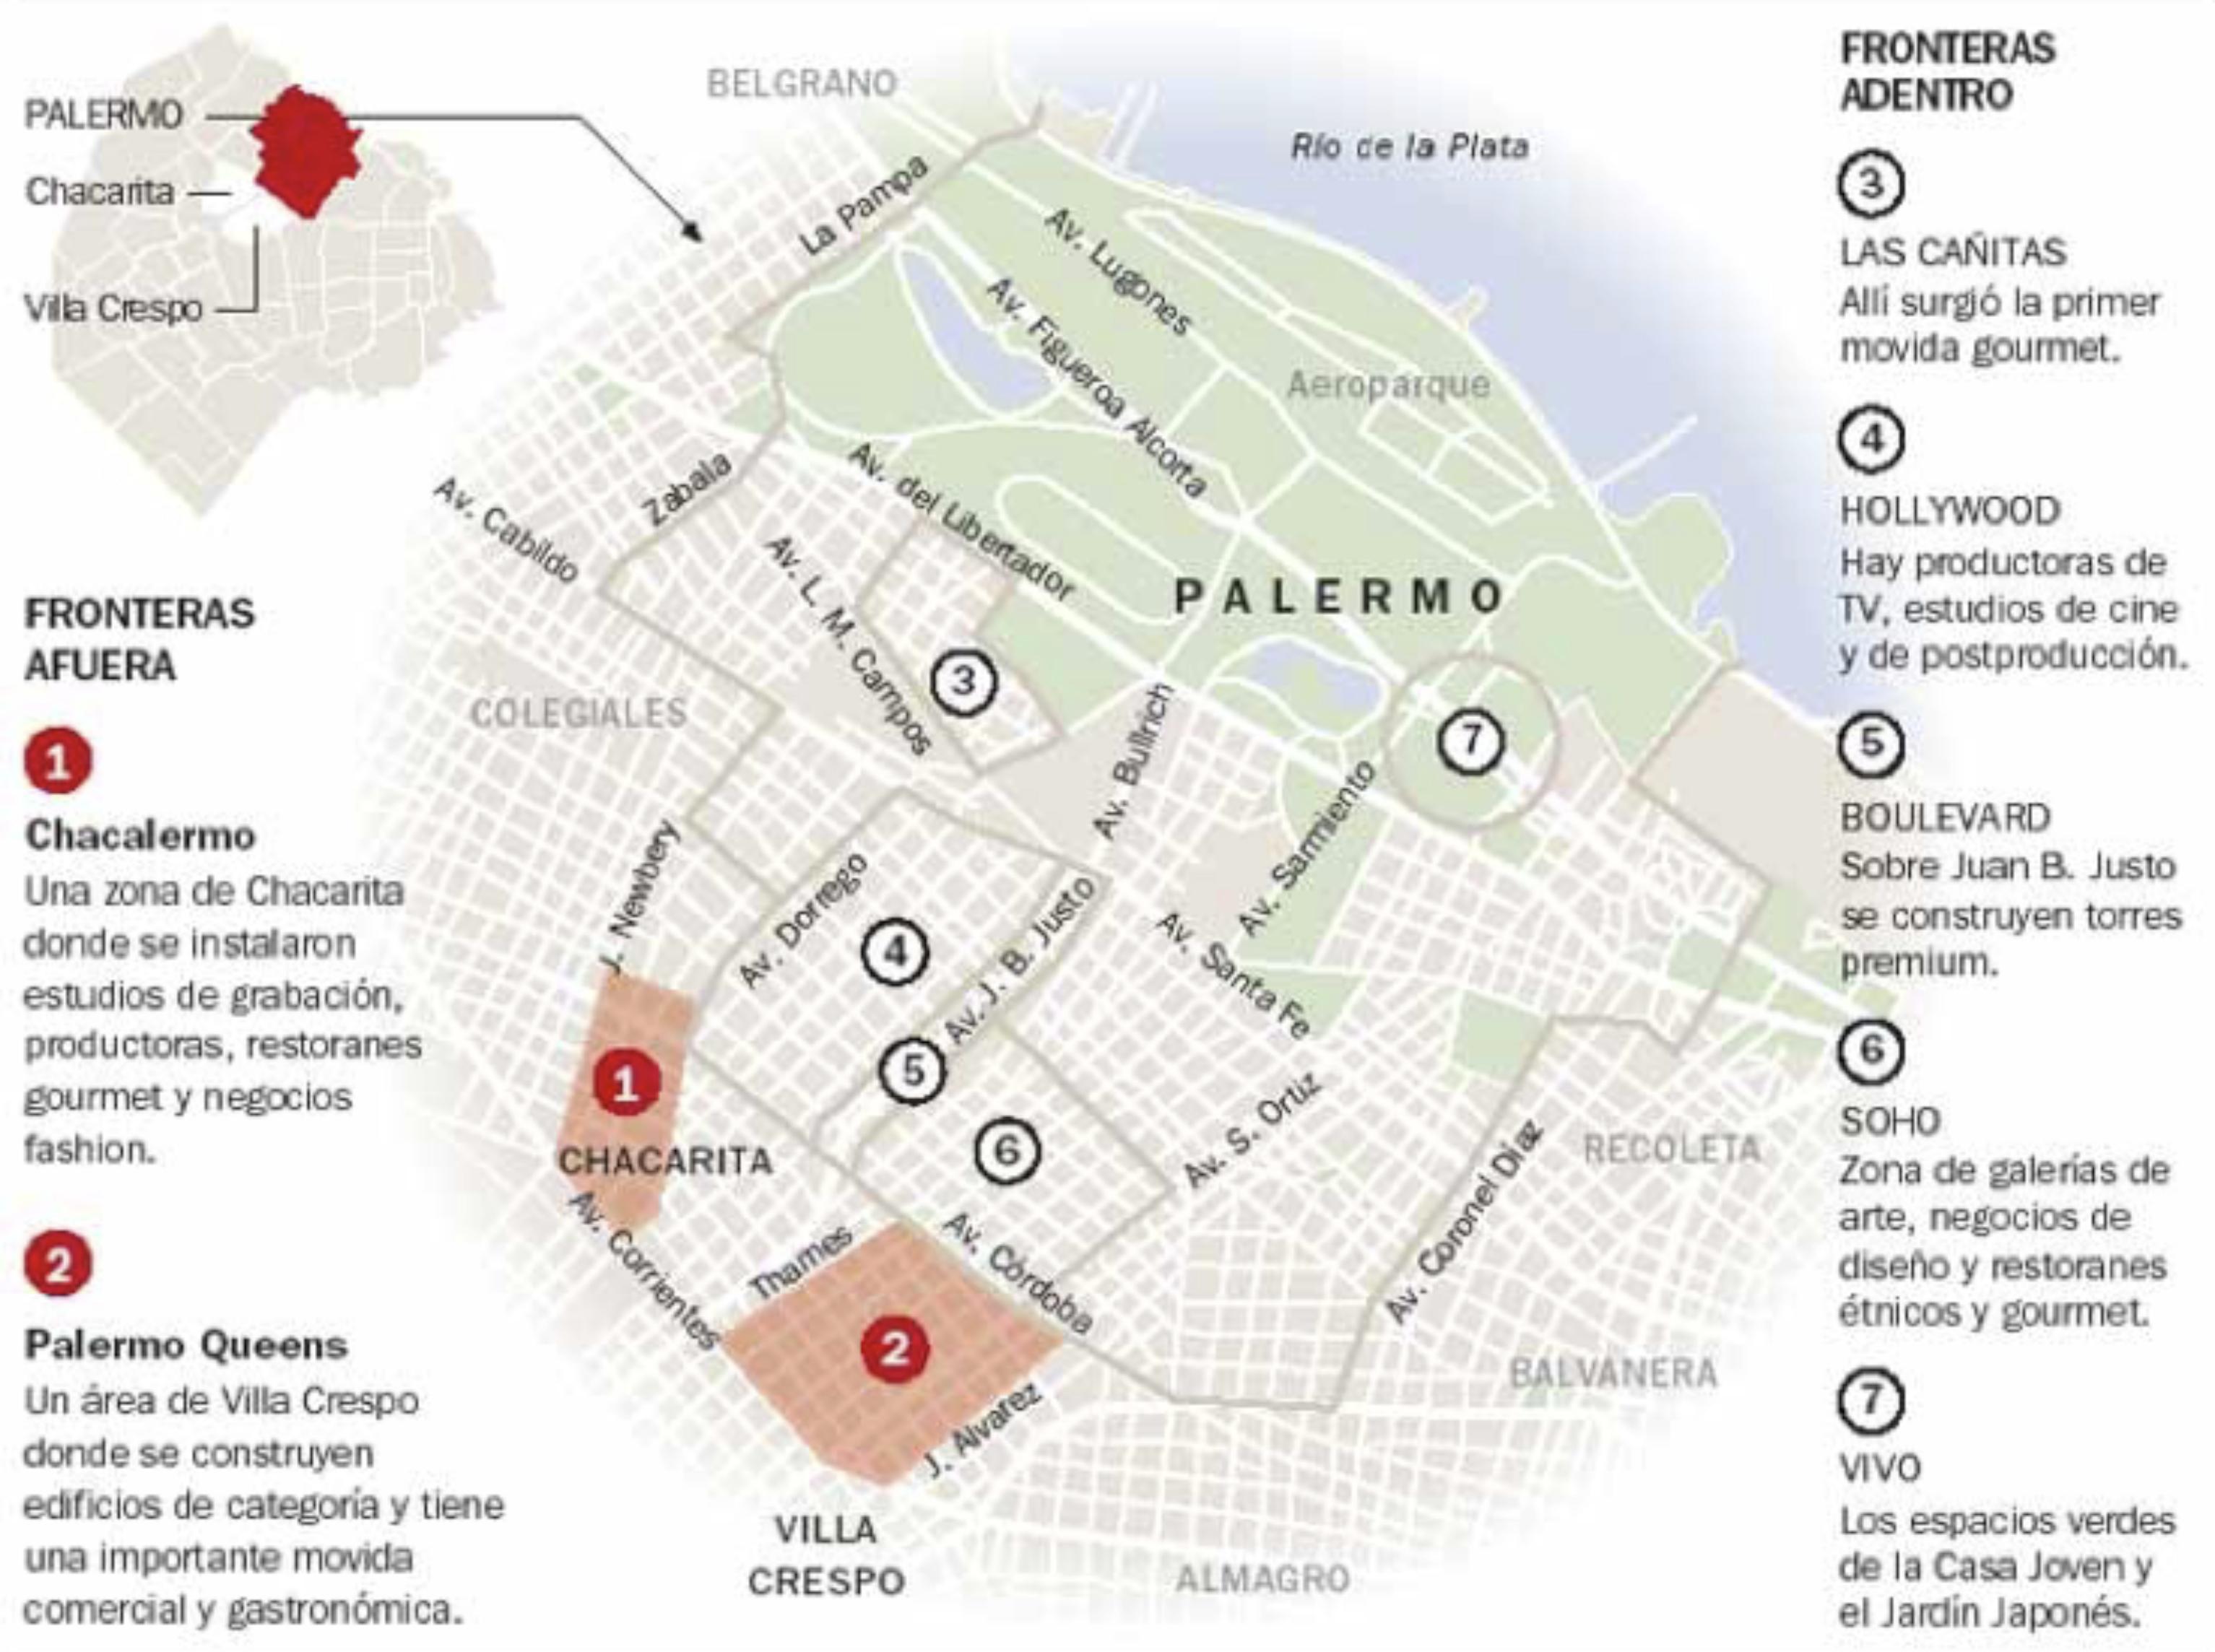 Fig. 11. Mapa de Palermo. Fuente: Clarín, 18 de marzo de 2007.